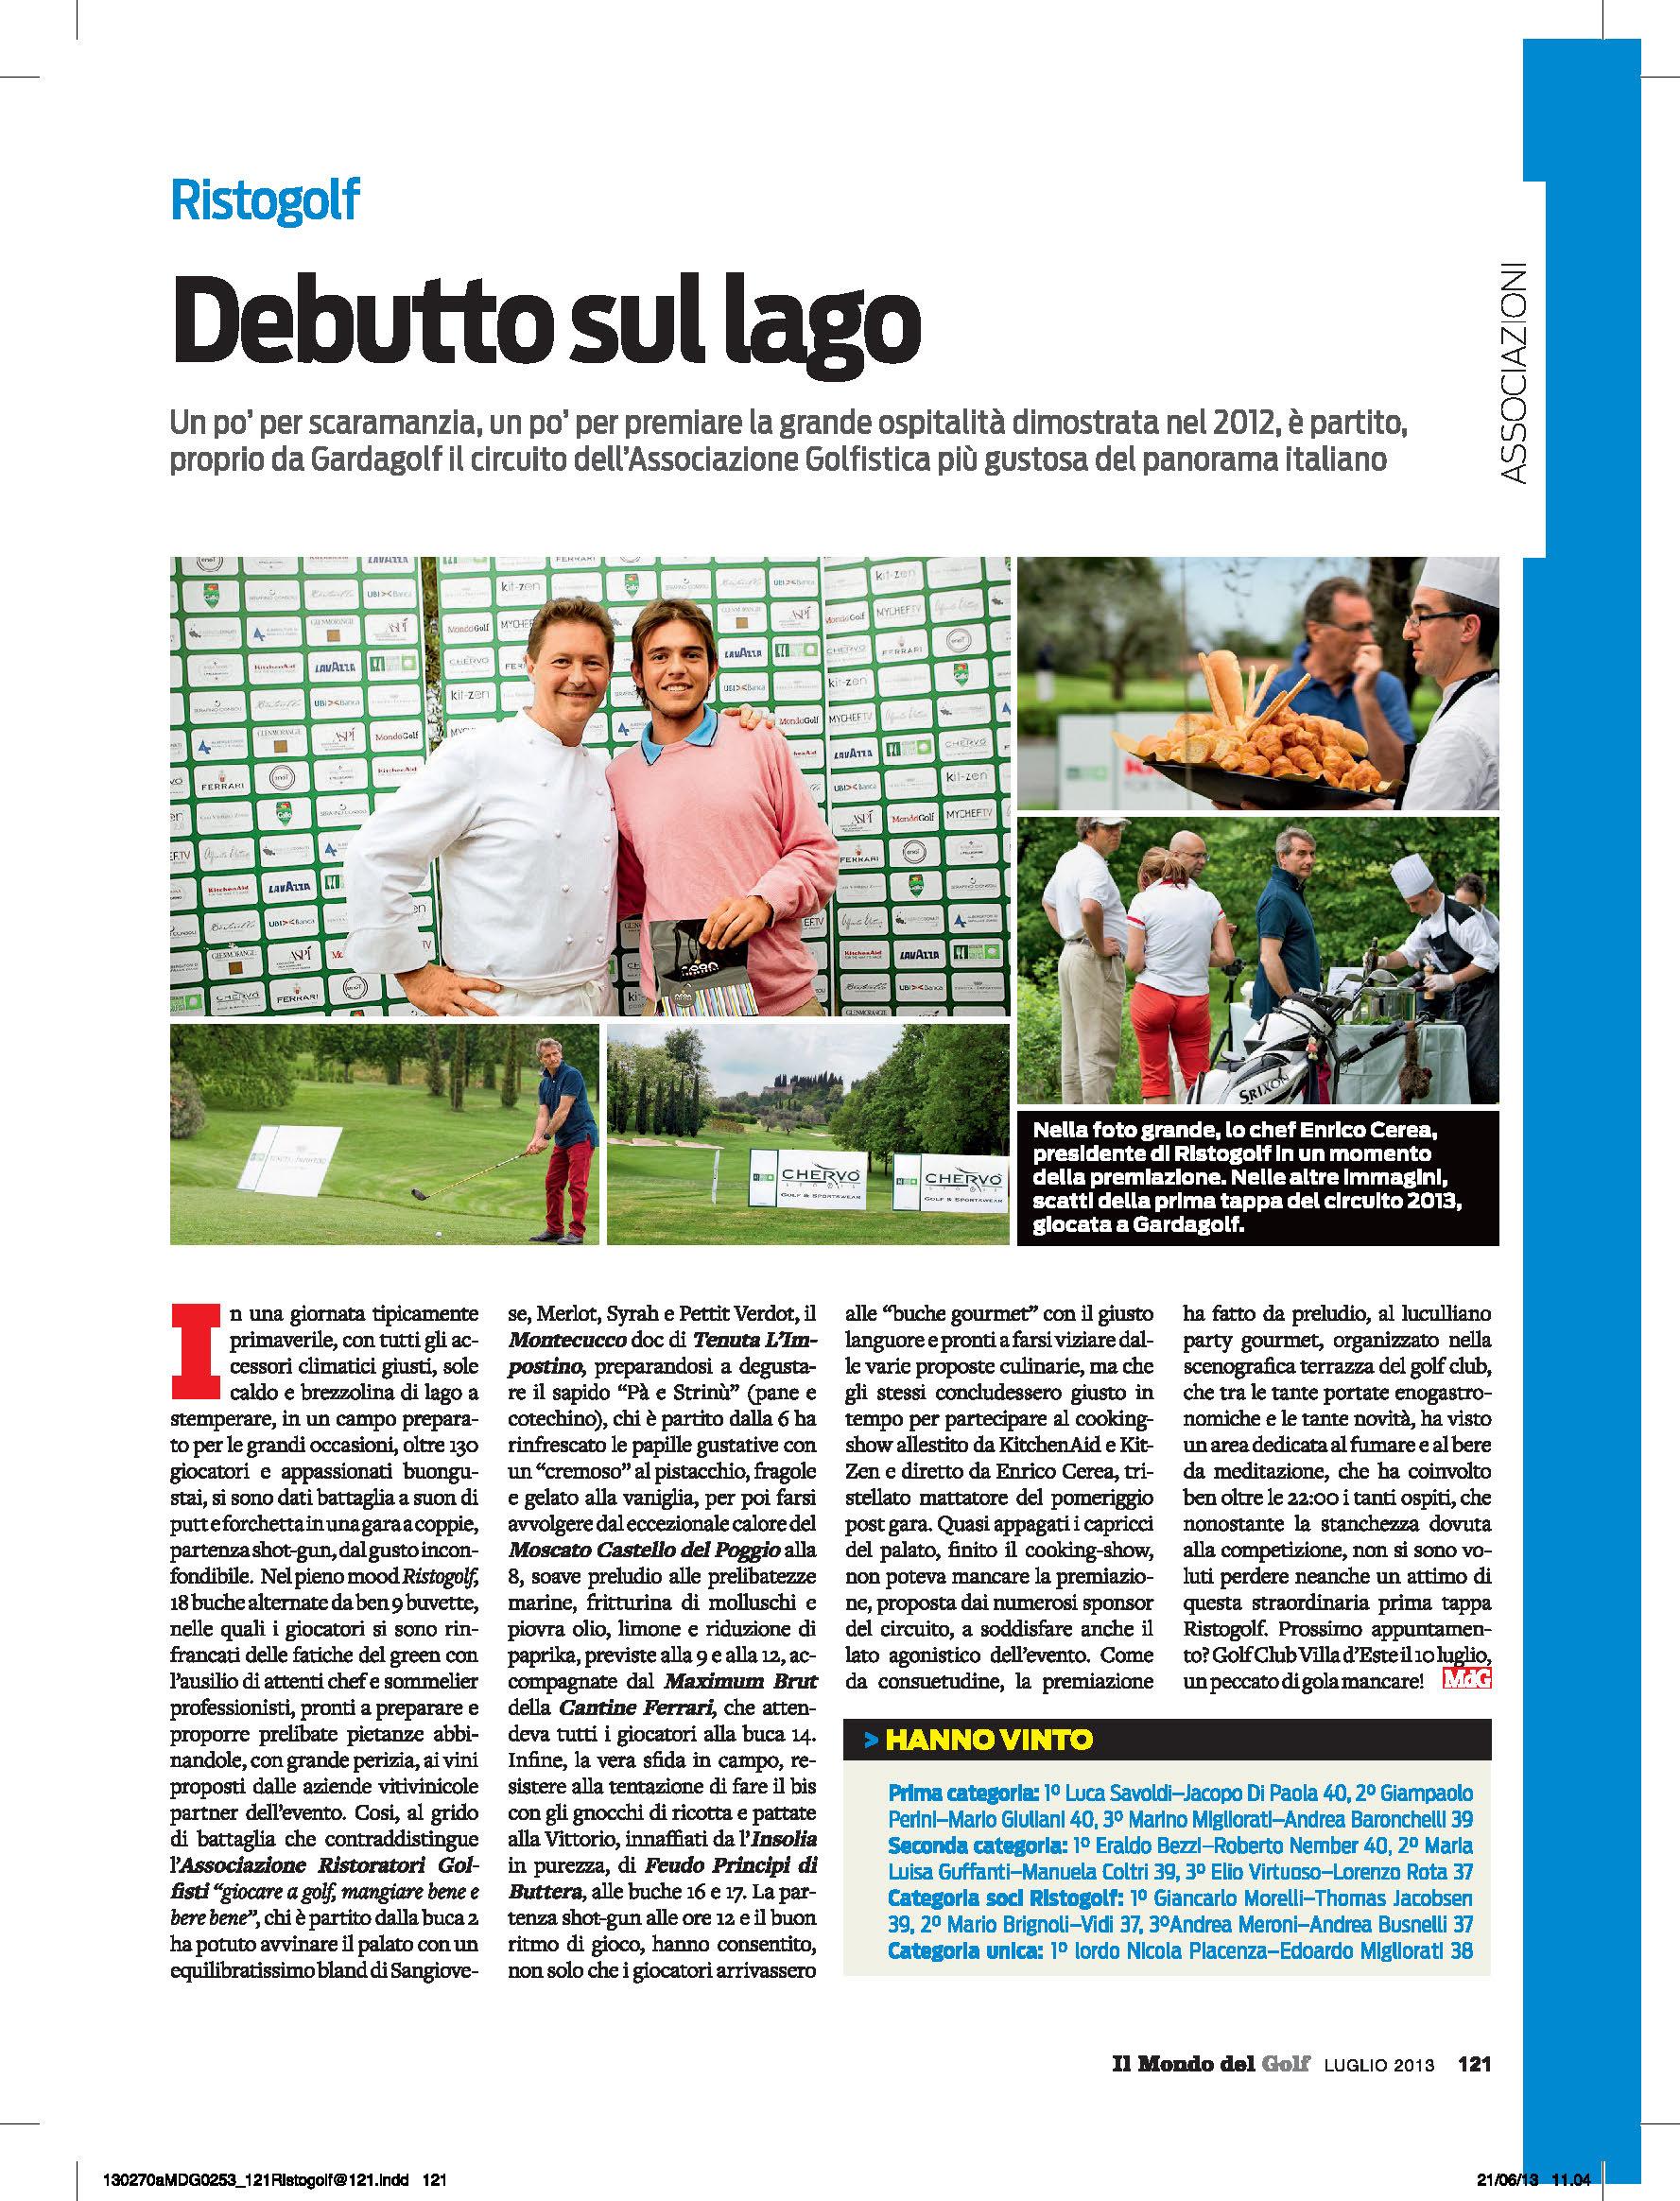 Il Mondo del Golf - Luglio 2013